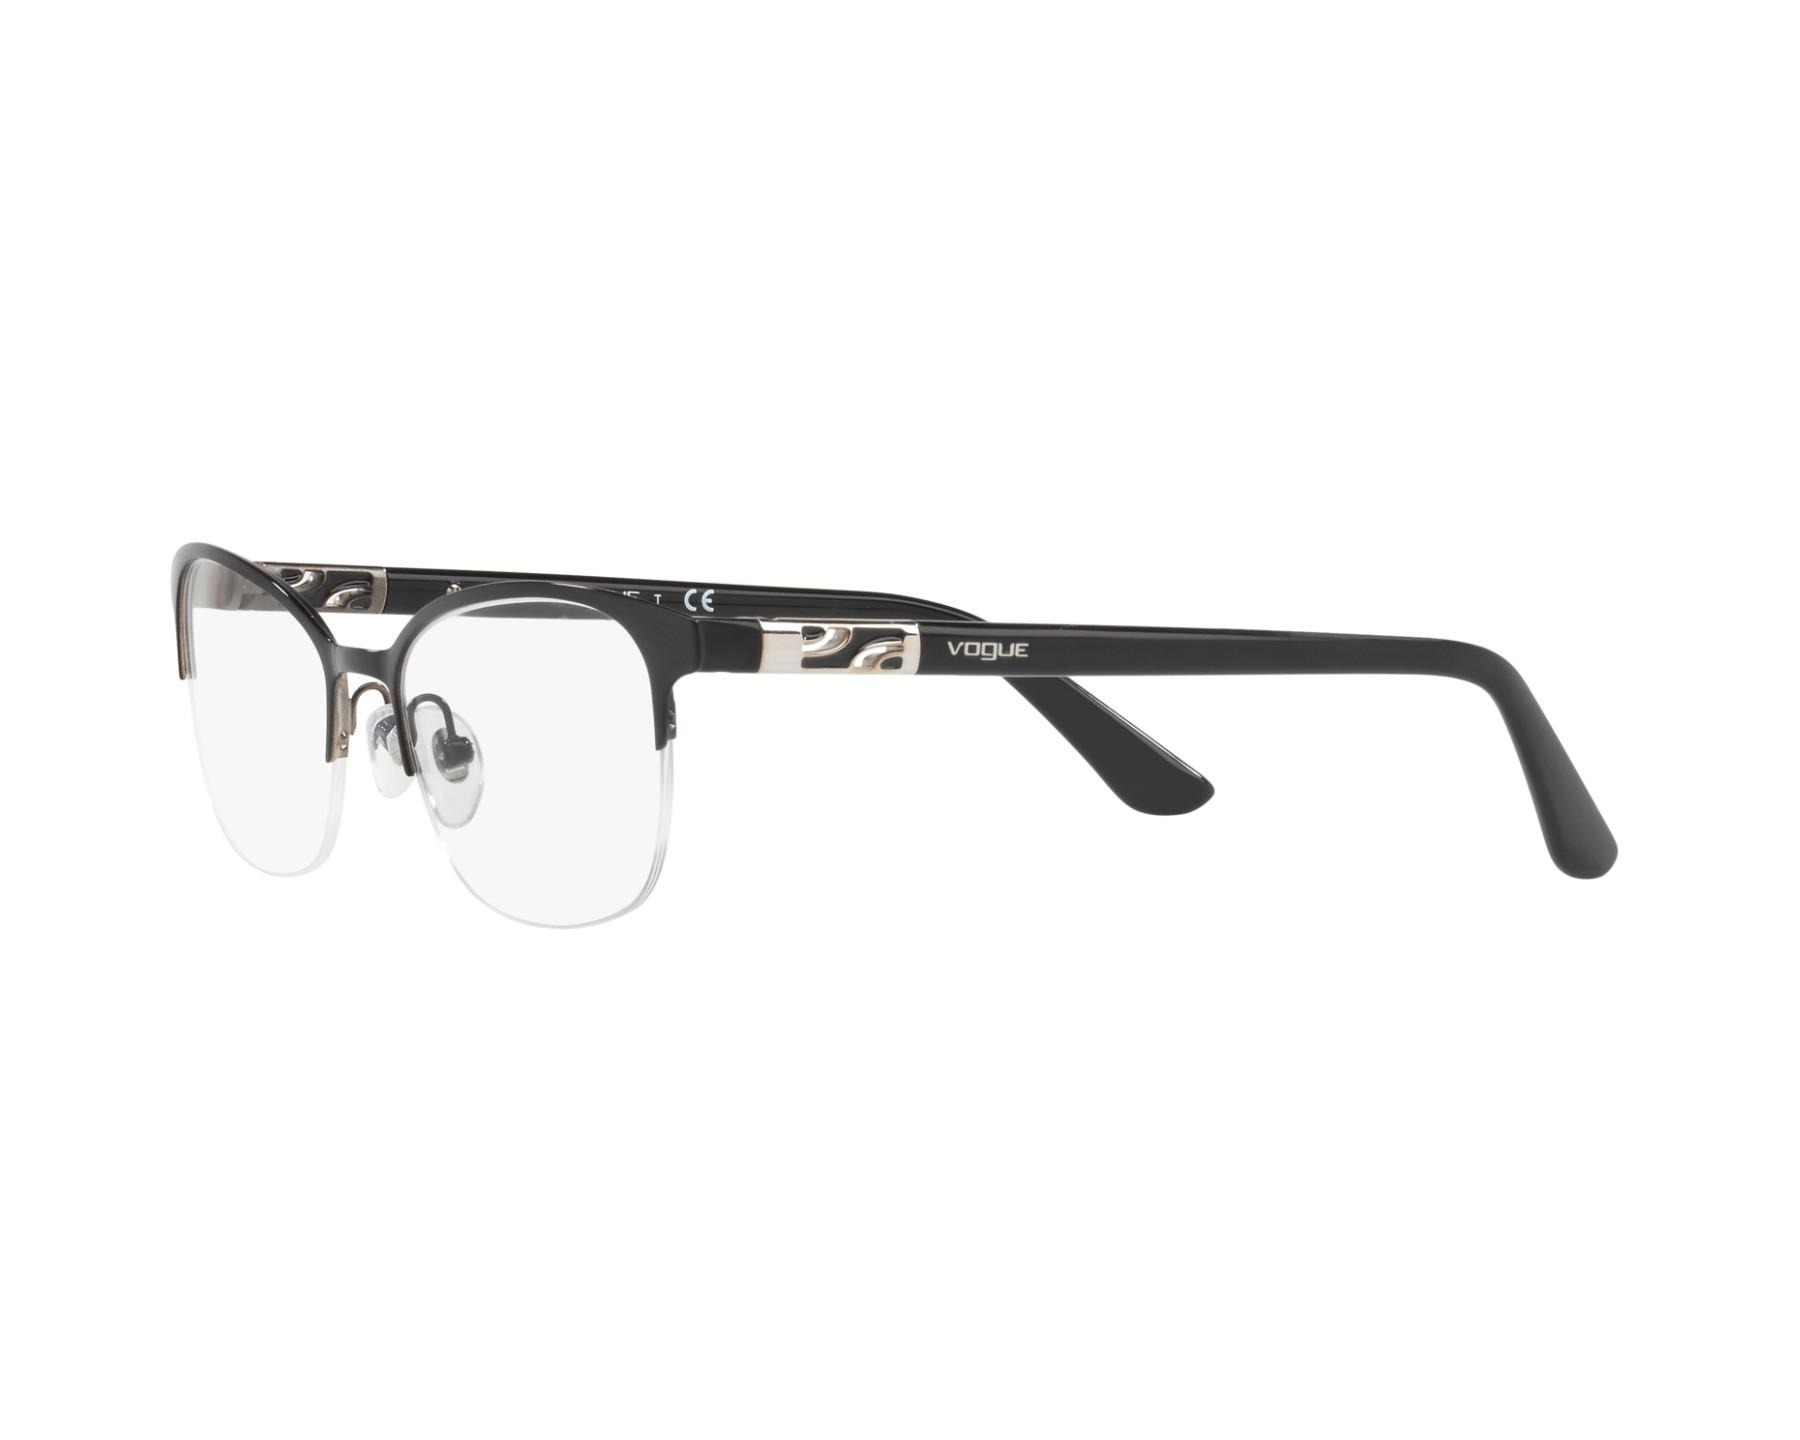 b3766edcd9 eyeglasses Vogue VO-4067 352 - Black Silver 360 degree view 3